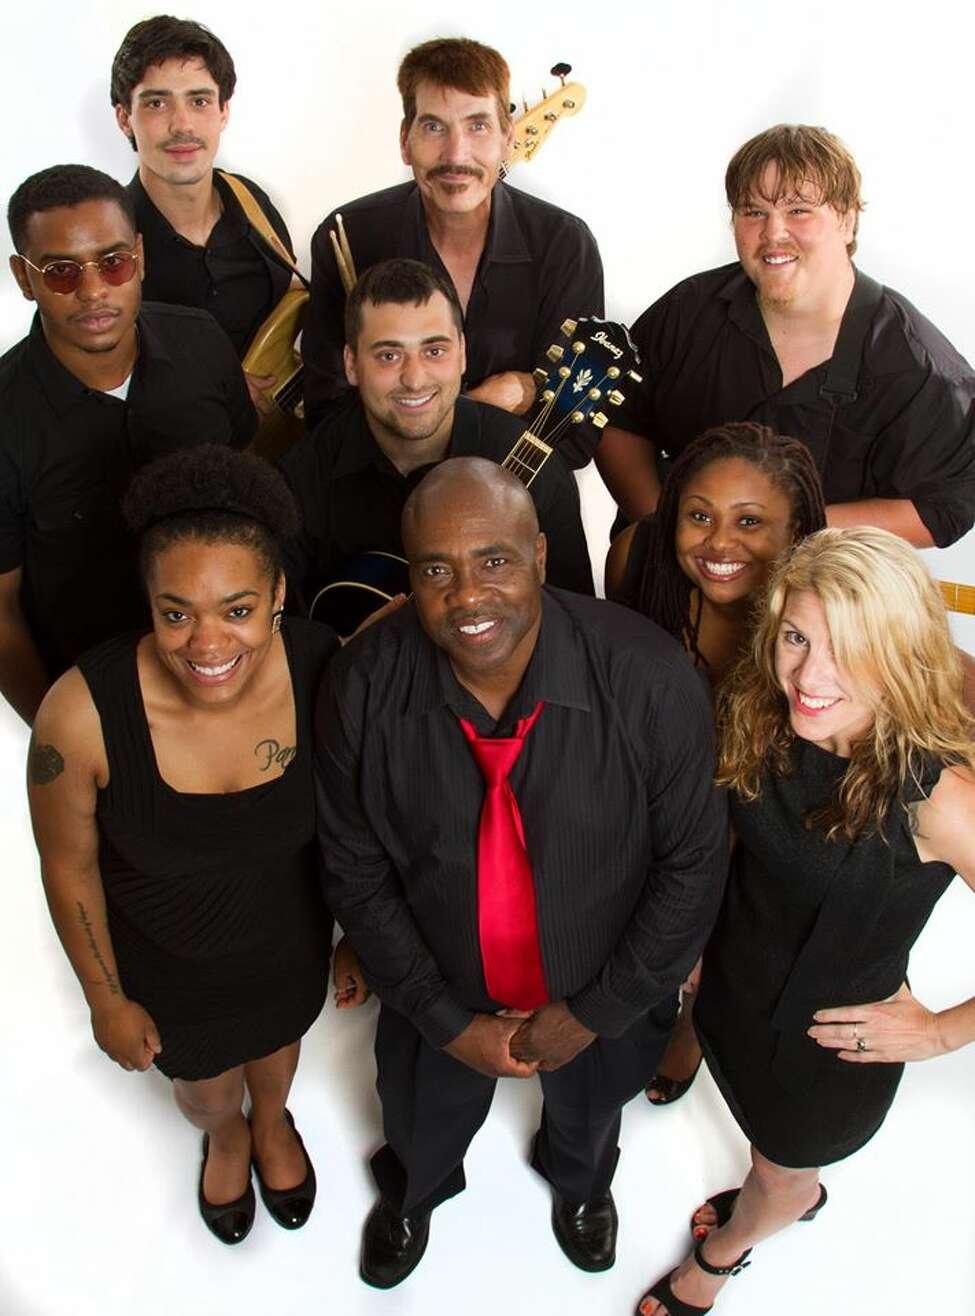 Derrick Horton and the Jay Street Band ORG XMIT: uoUkGjevZArkxAEdLBt-